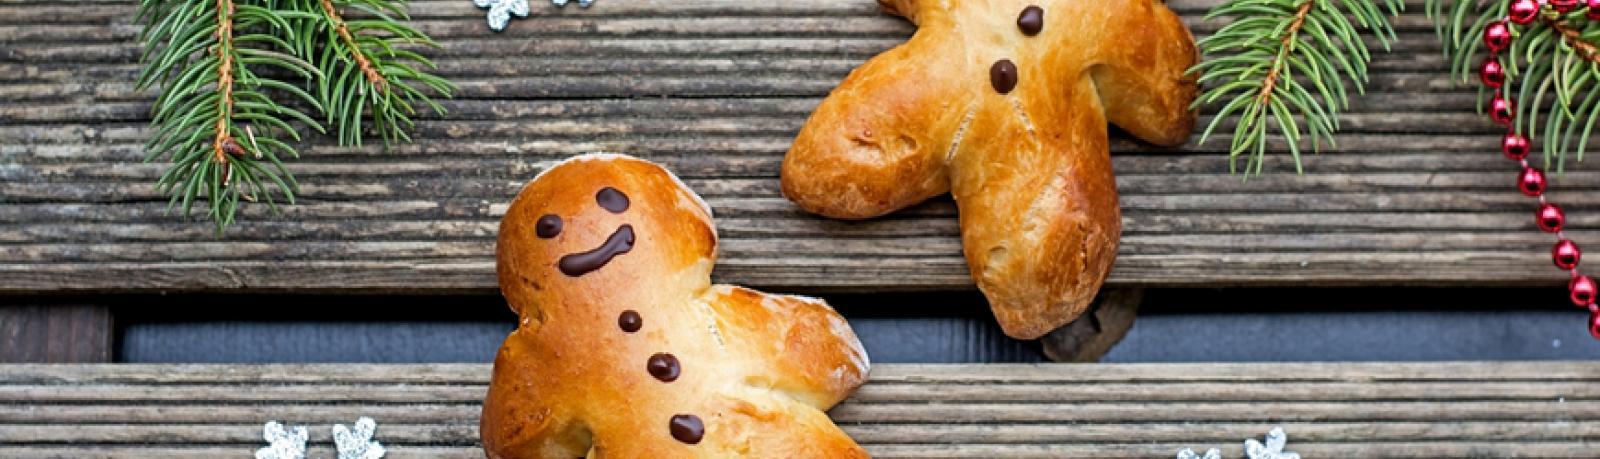 Image de deux petits biscuits en forme de bonhommes